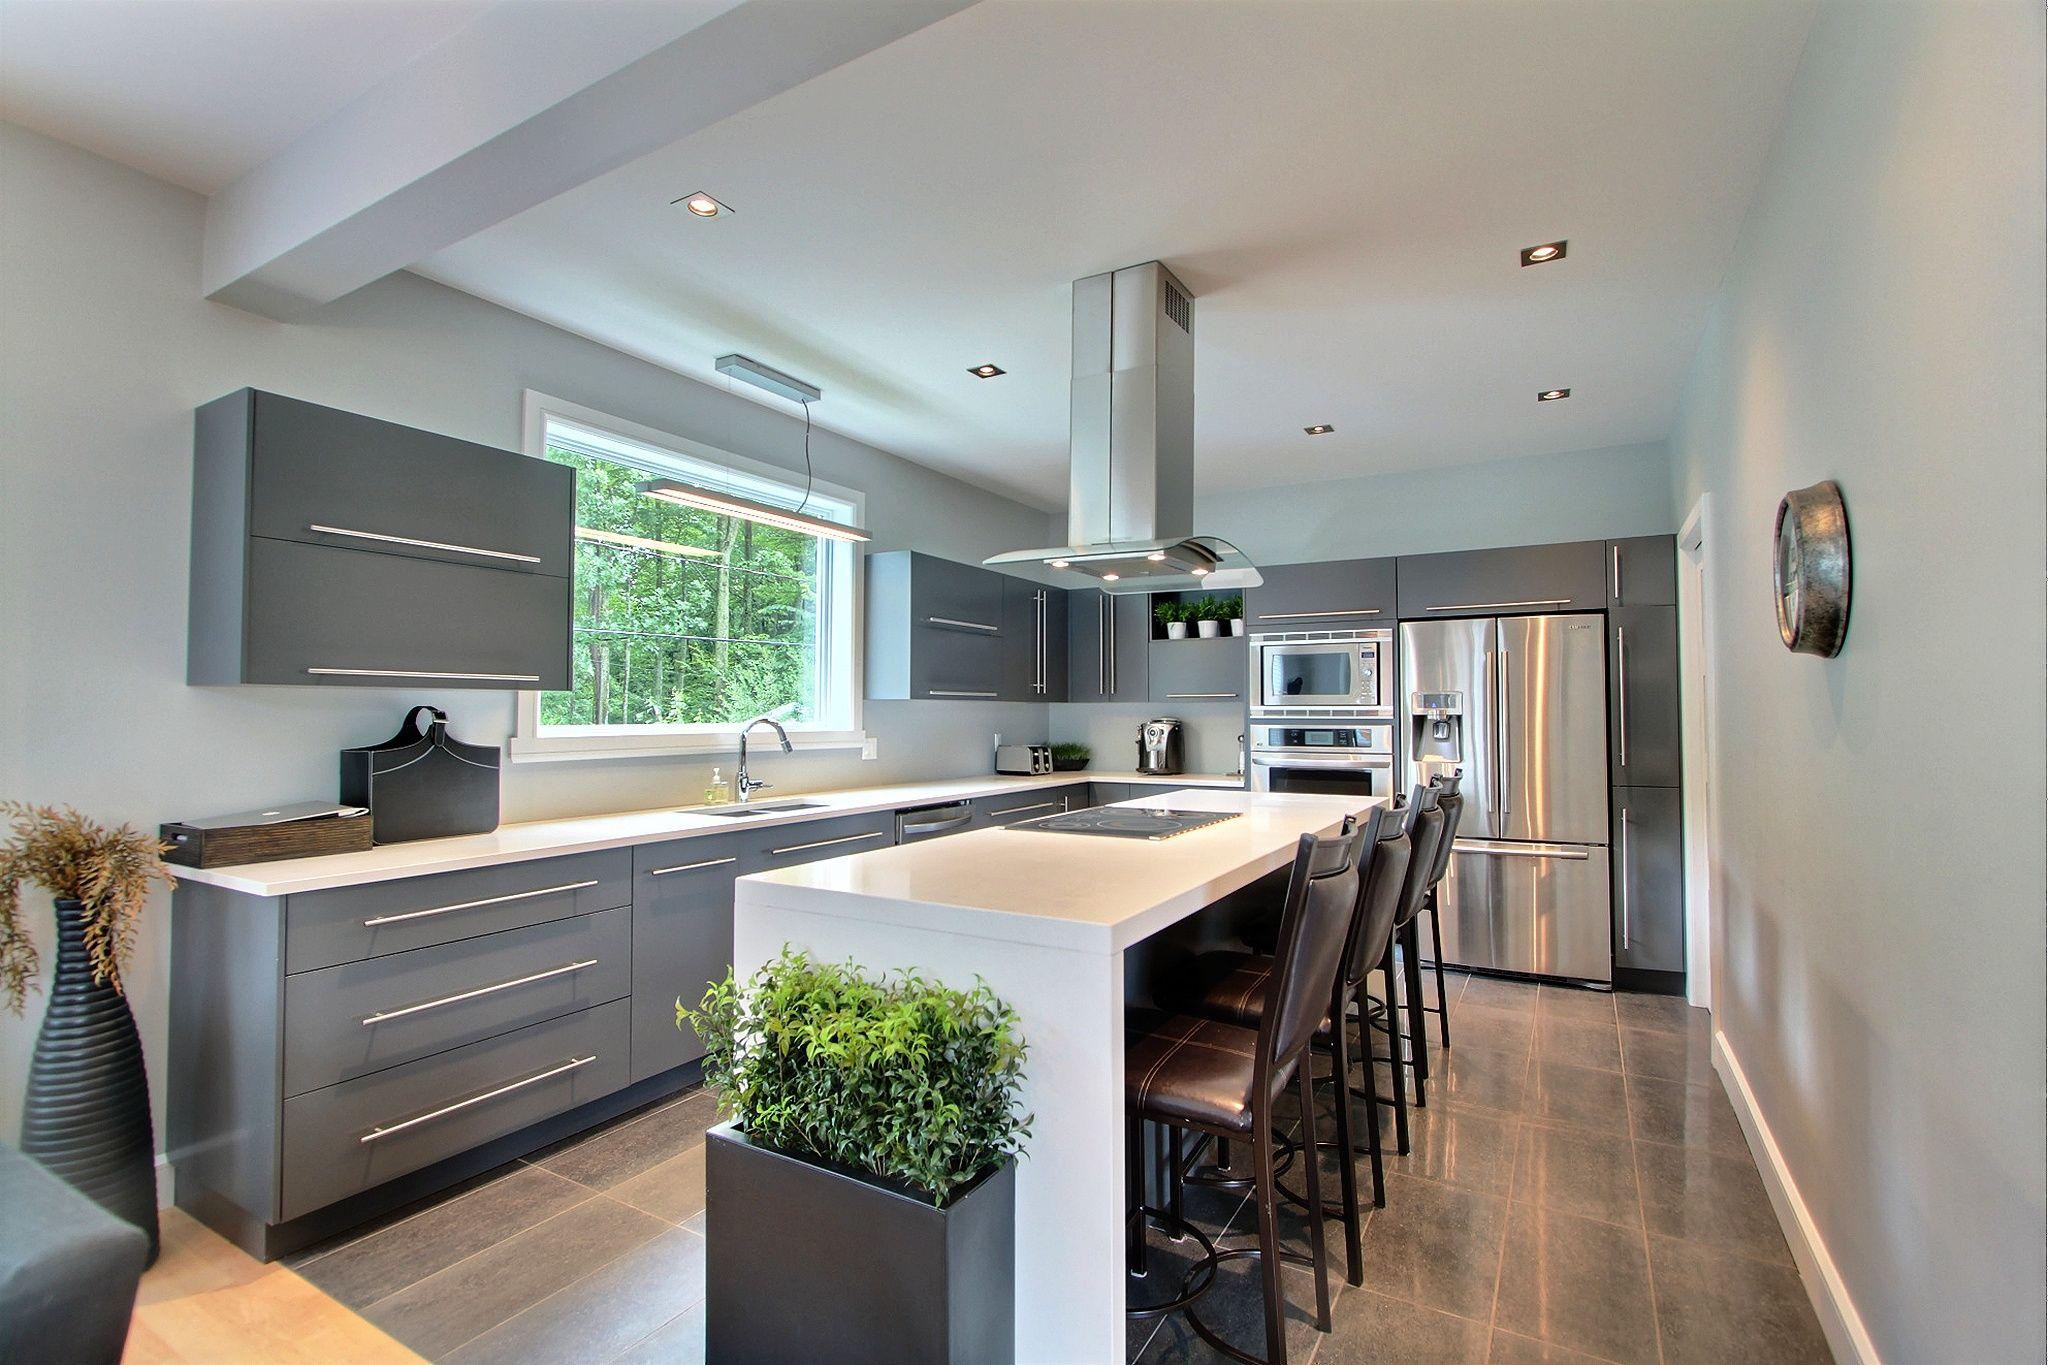 cuisine contemporaine d co cuisine pinterest. Black Bedroom Furniture Sets. Home Design Ideas